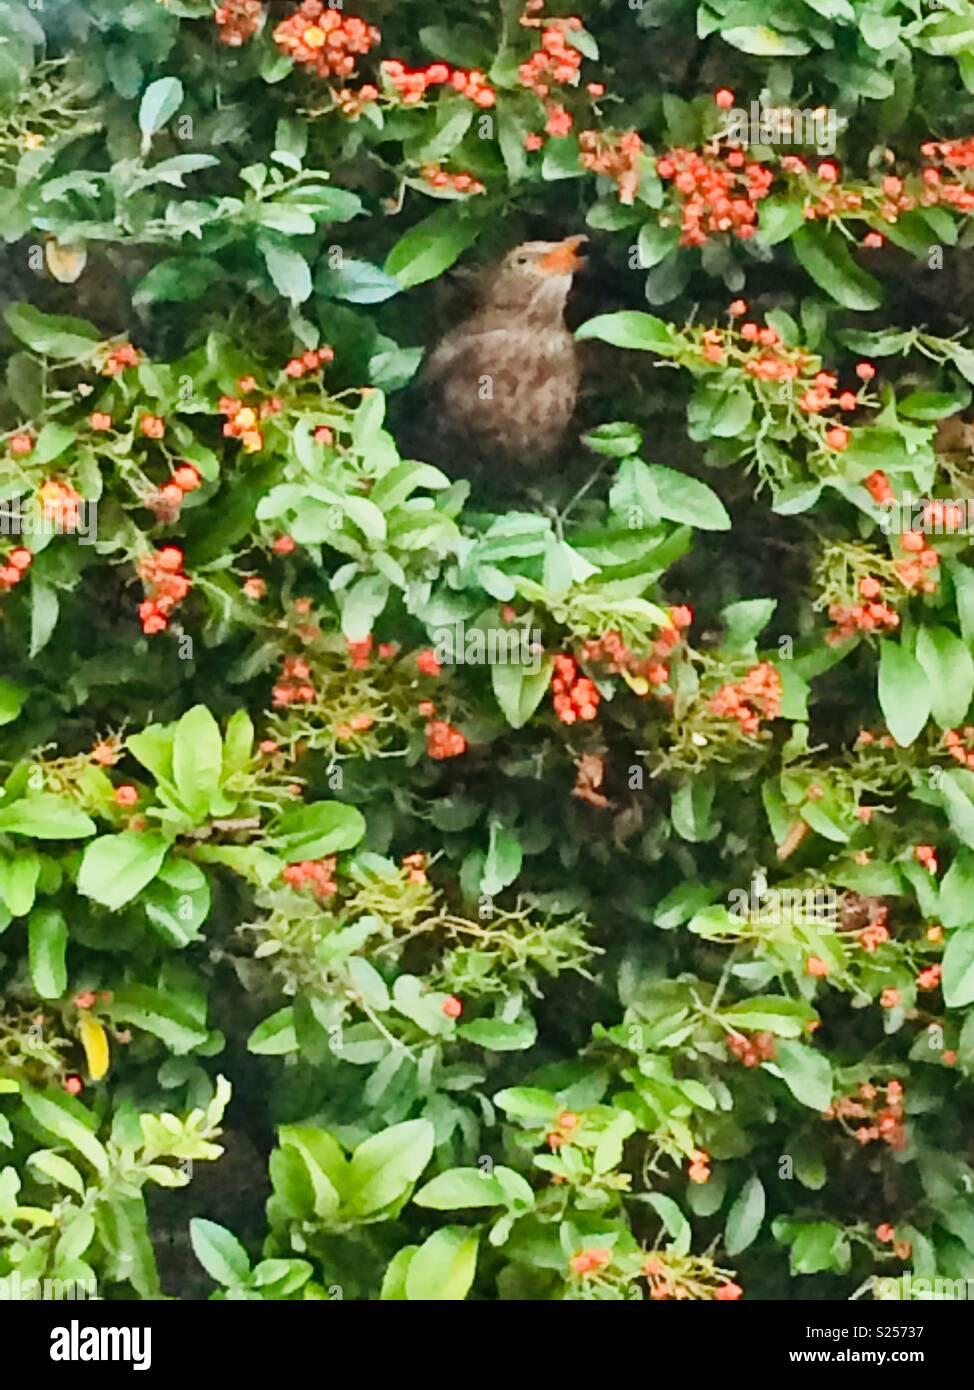 Bird di mangiare un acino nella boccola Immagini Stock